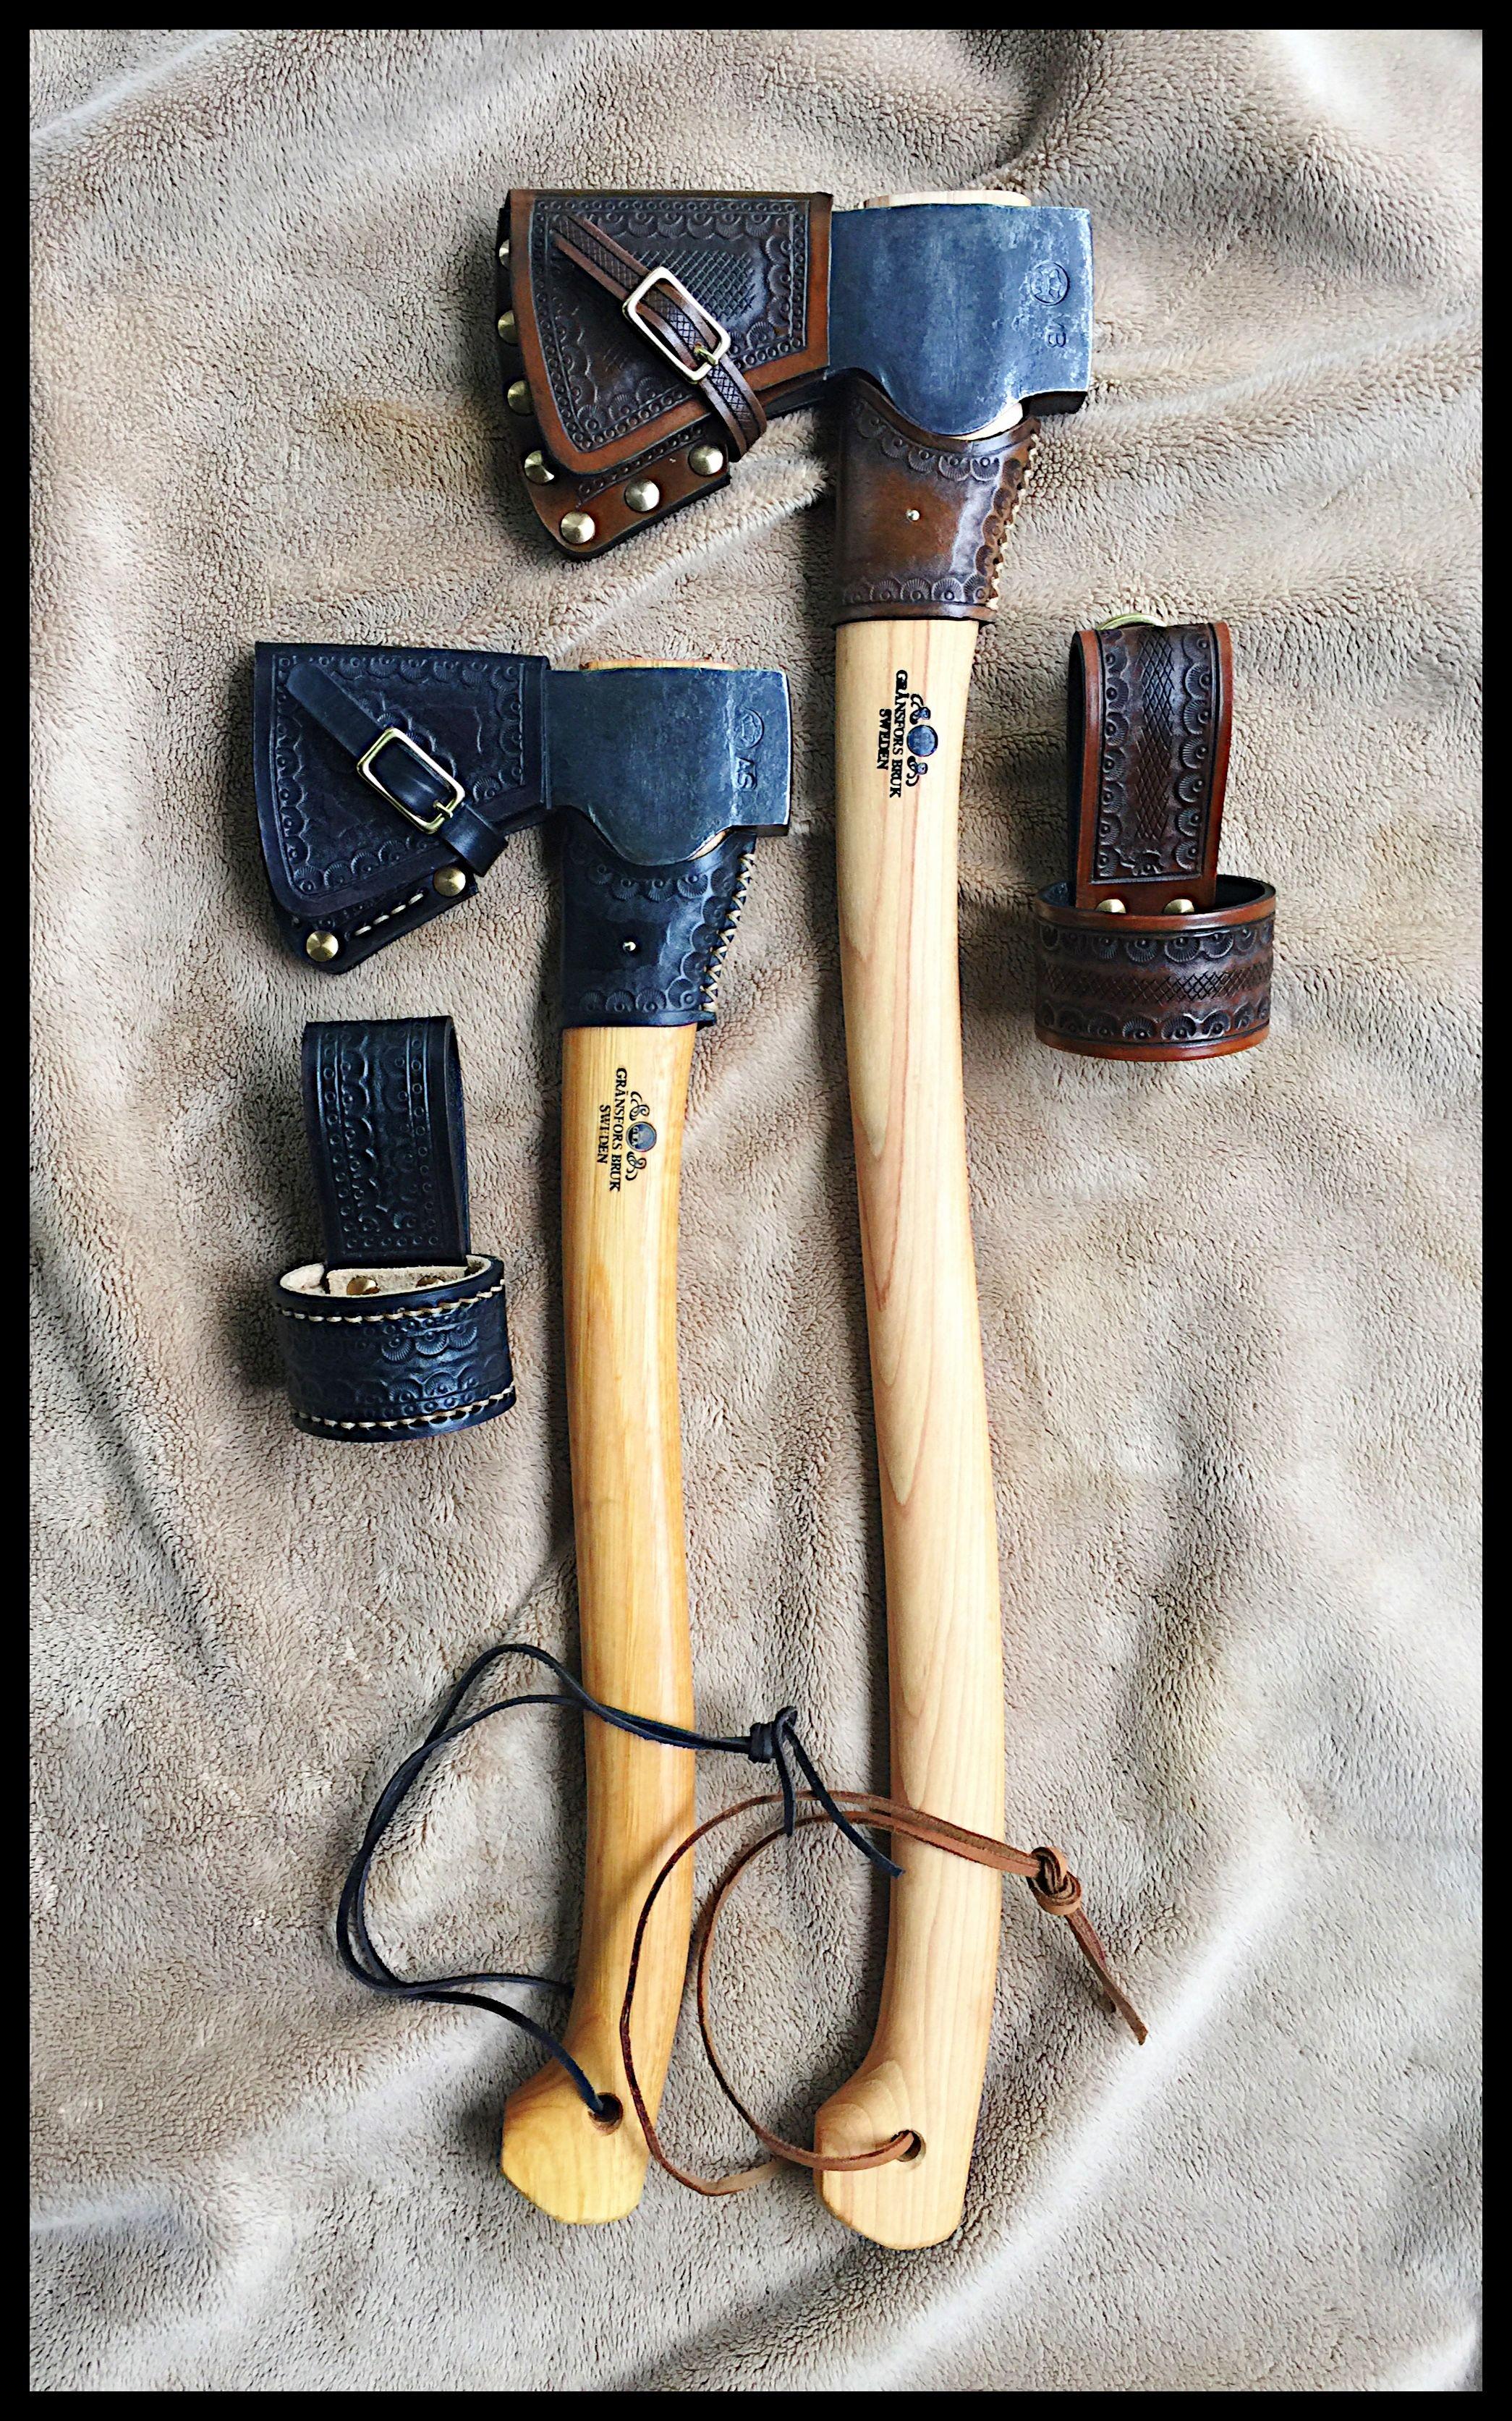 Gransfors Bruks Small Forest Axe Scandinavian Forest Axe Custom Leather Work By John Black Small Forest Axe Axe Axe Sheath